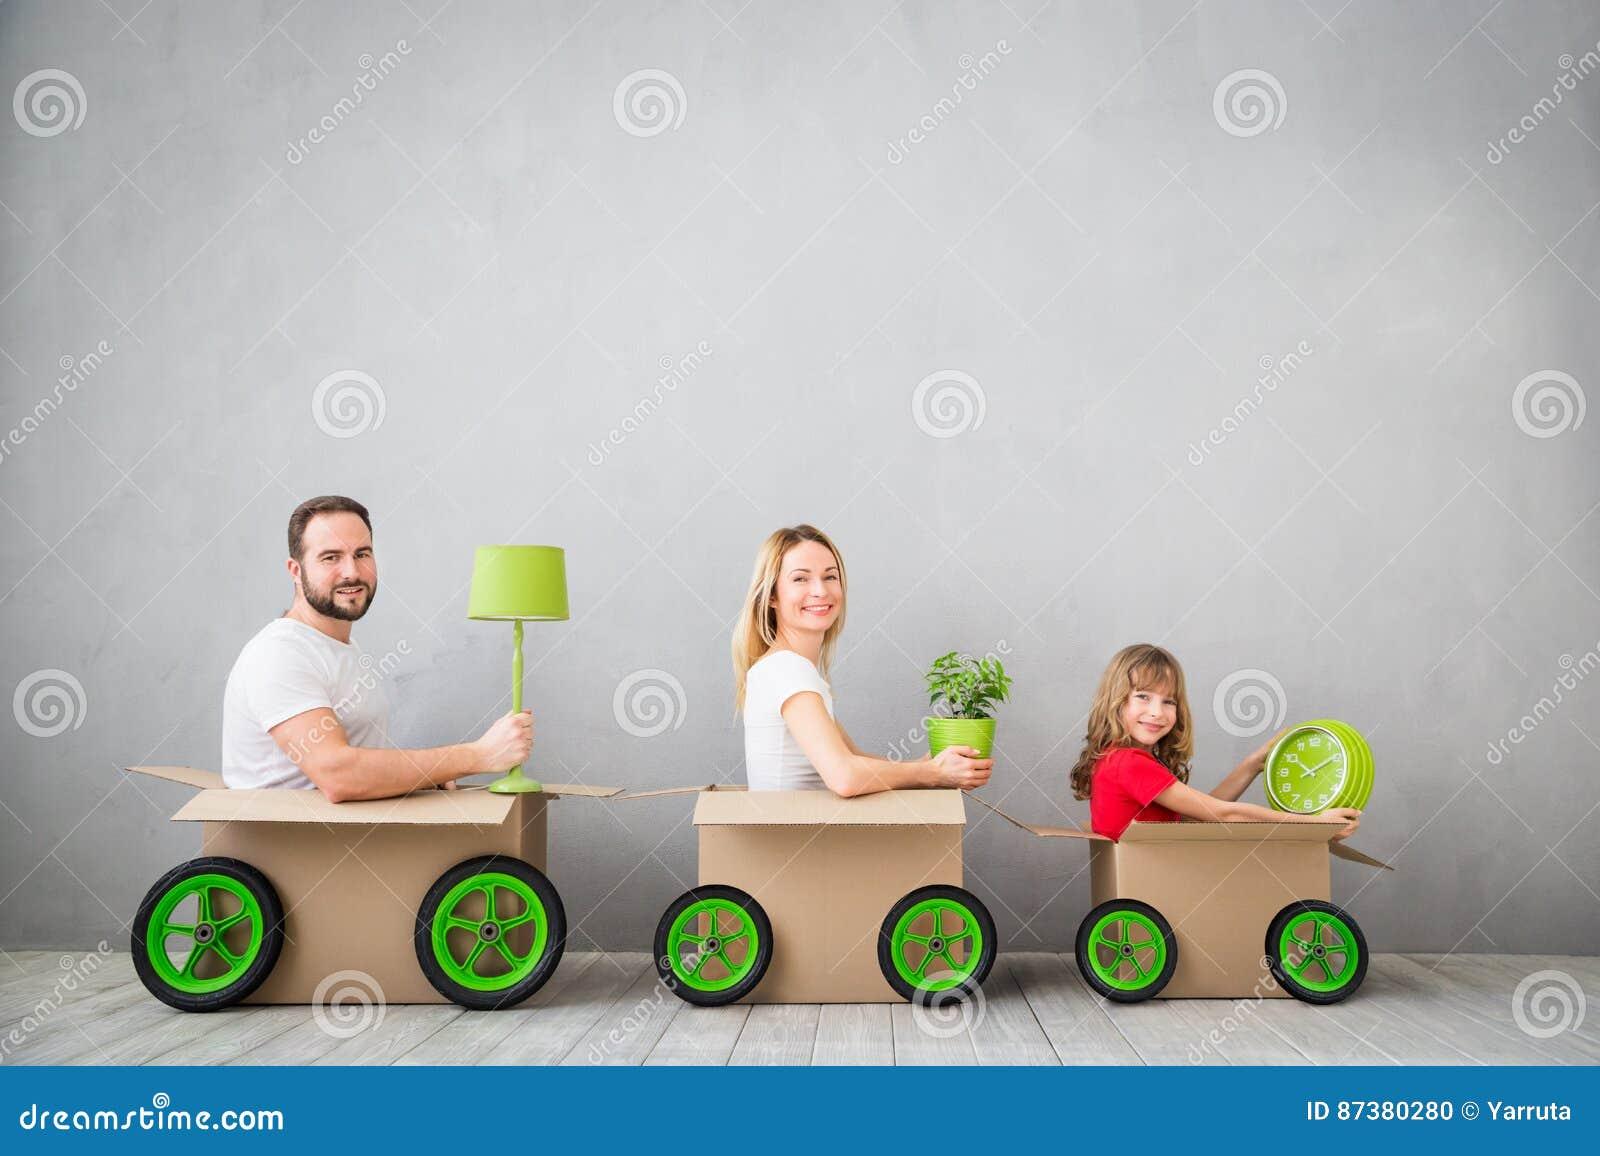 Rodzinny Nowy Domowy Poruszający dnia domu pojęcie